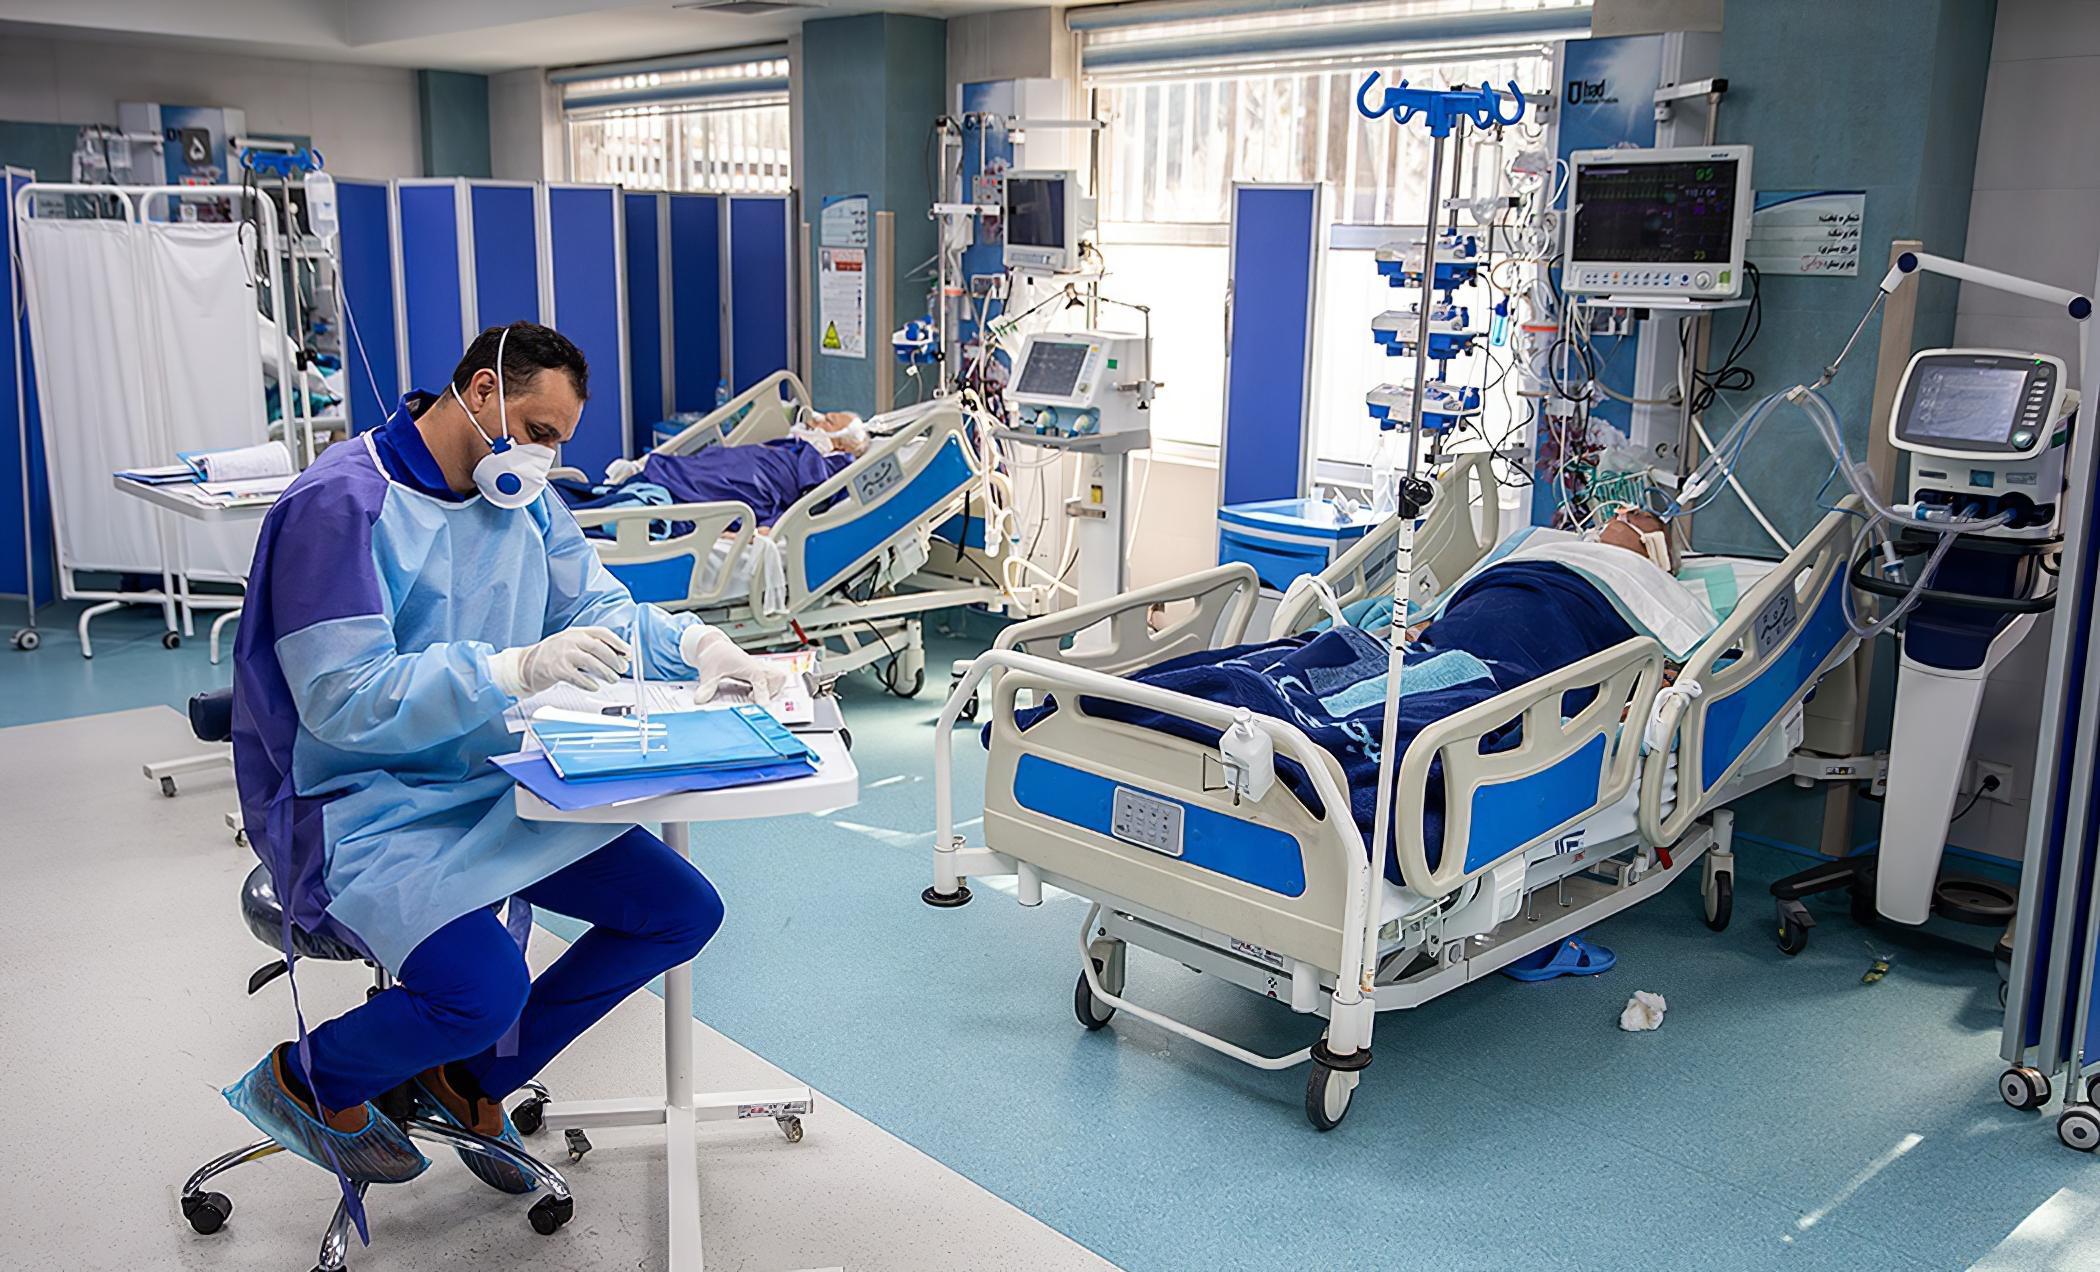 Dos 257 novos infectados, 231 são na região de Lisboa e Vale do Tejo